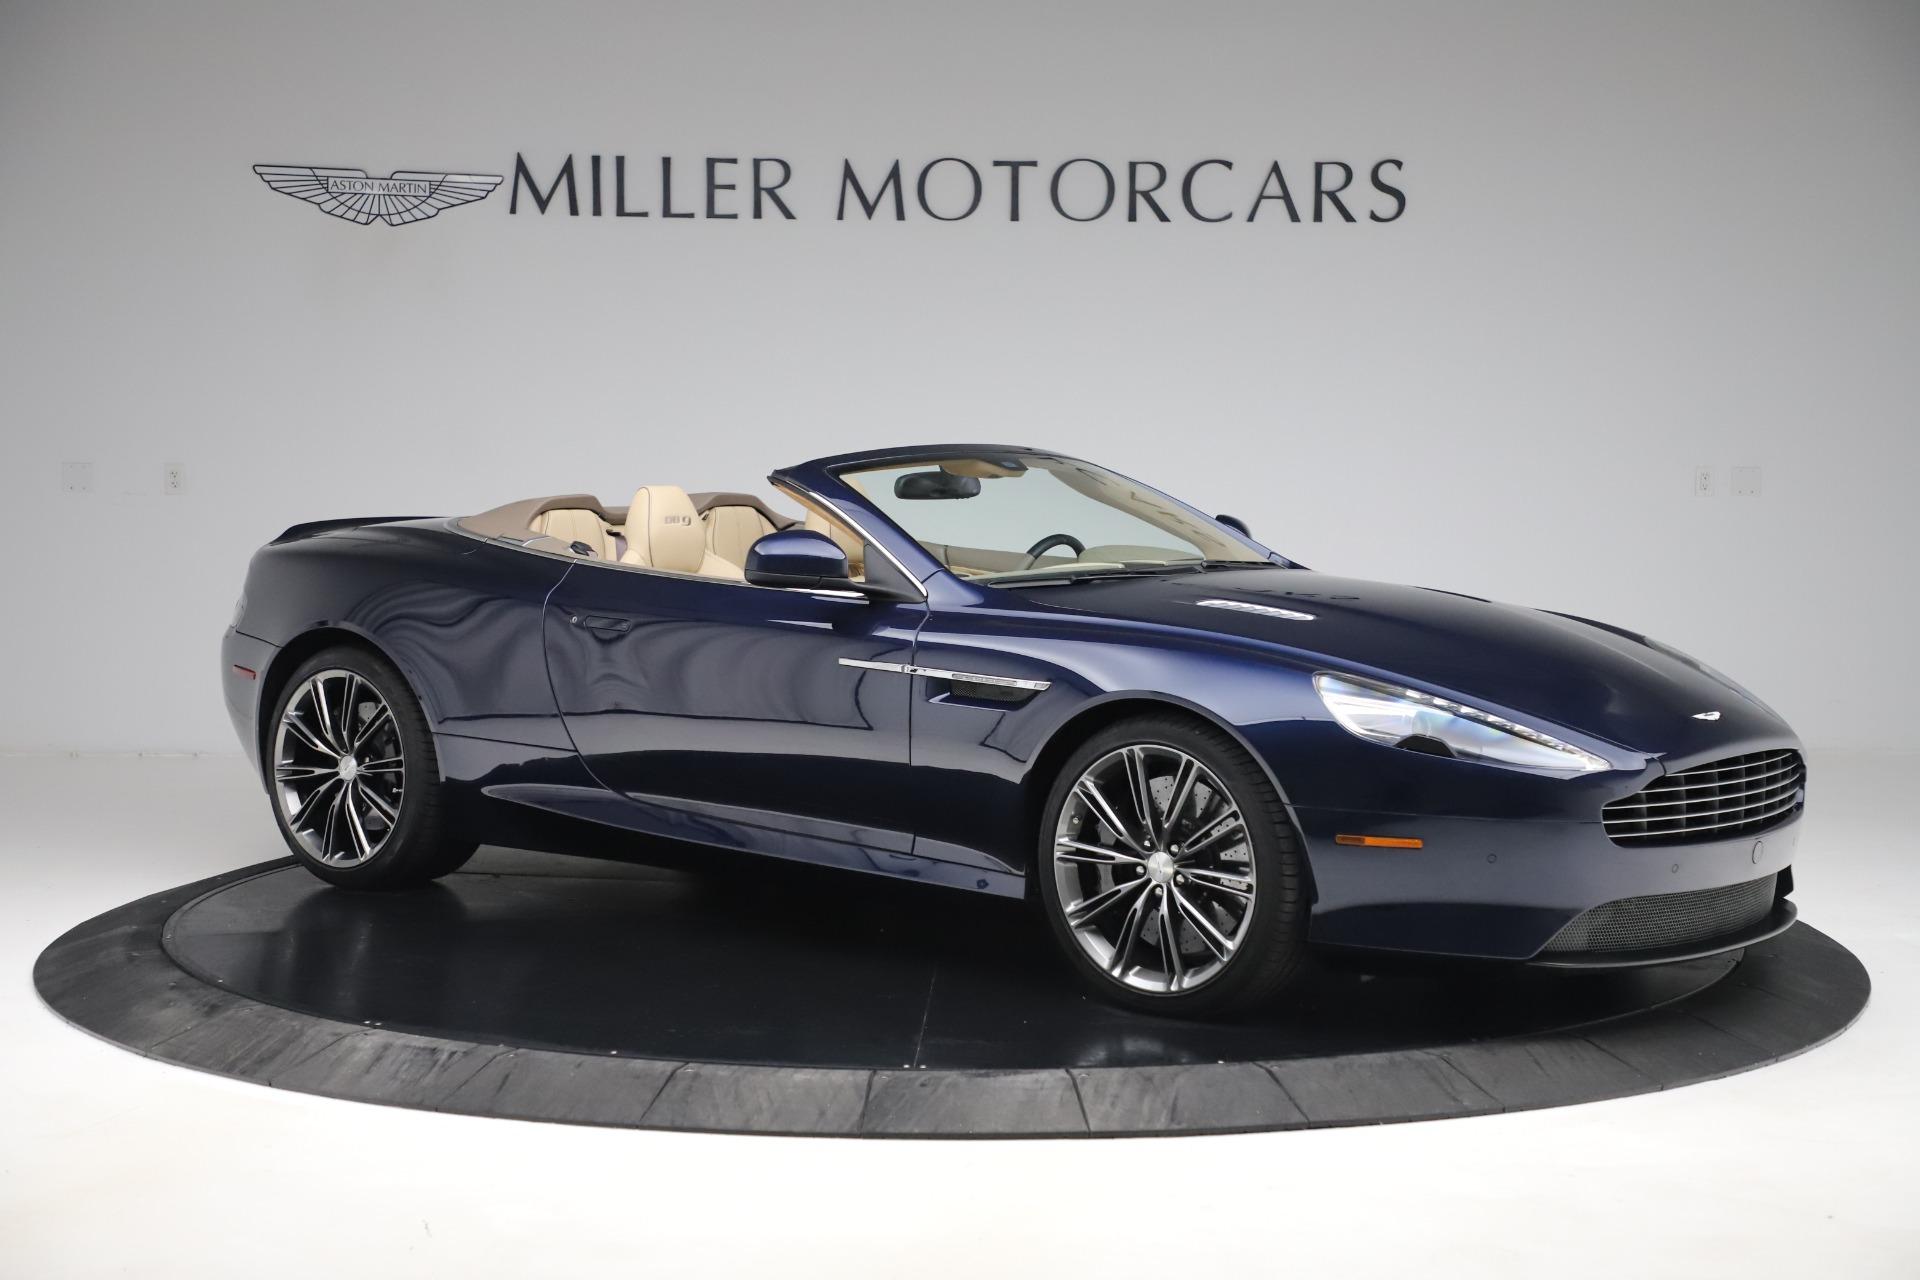 Used 2014 Aston Martin DB9 Volante For Sale In Greenwich, CT 3591_p10